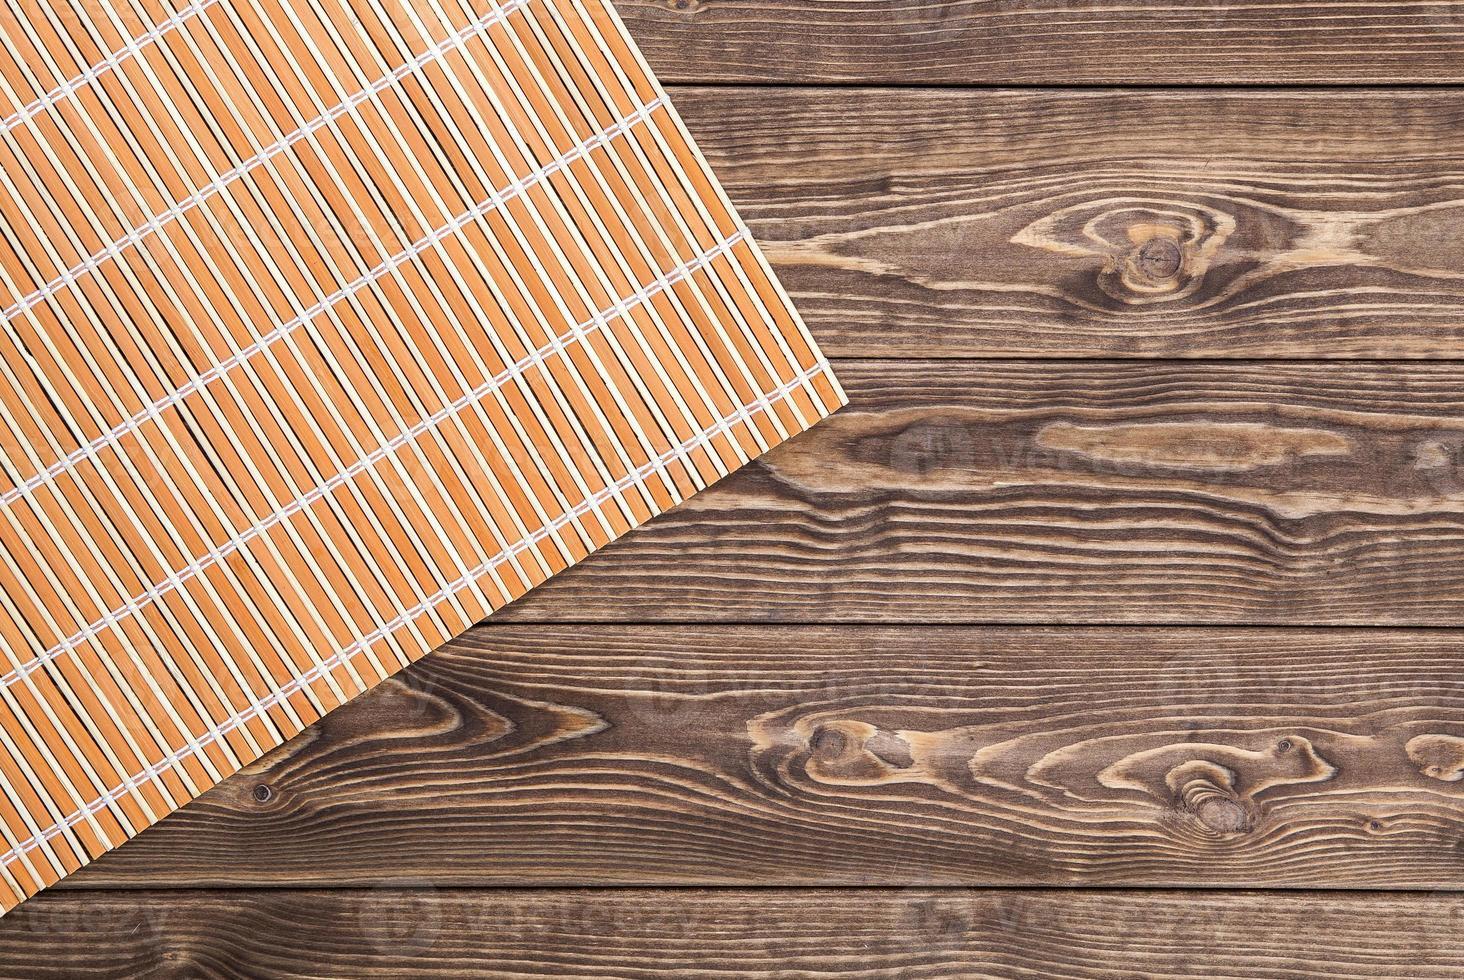 servilleta de bambú en mesa de madera. vista superior foto